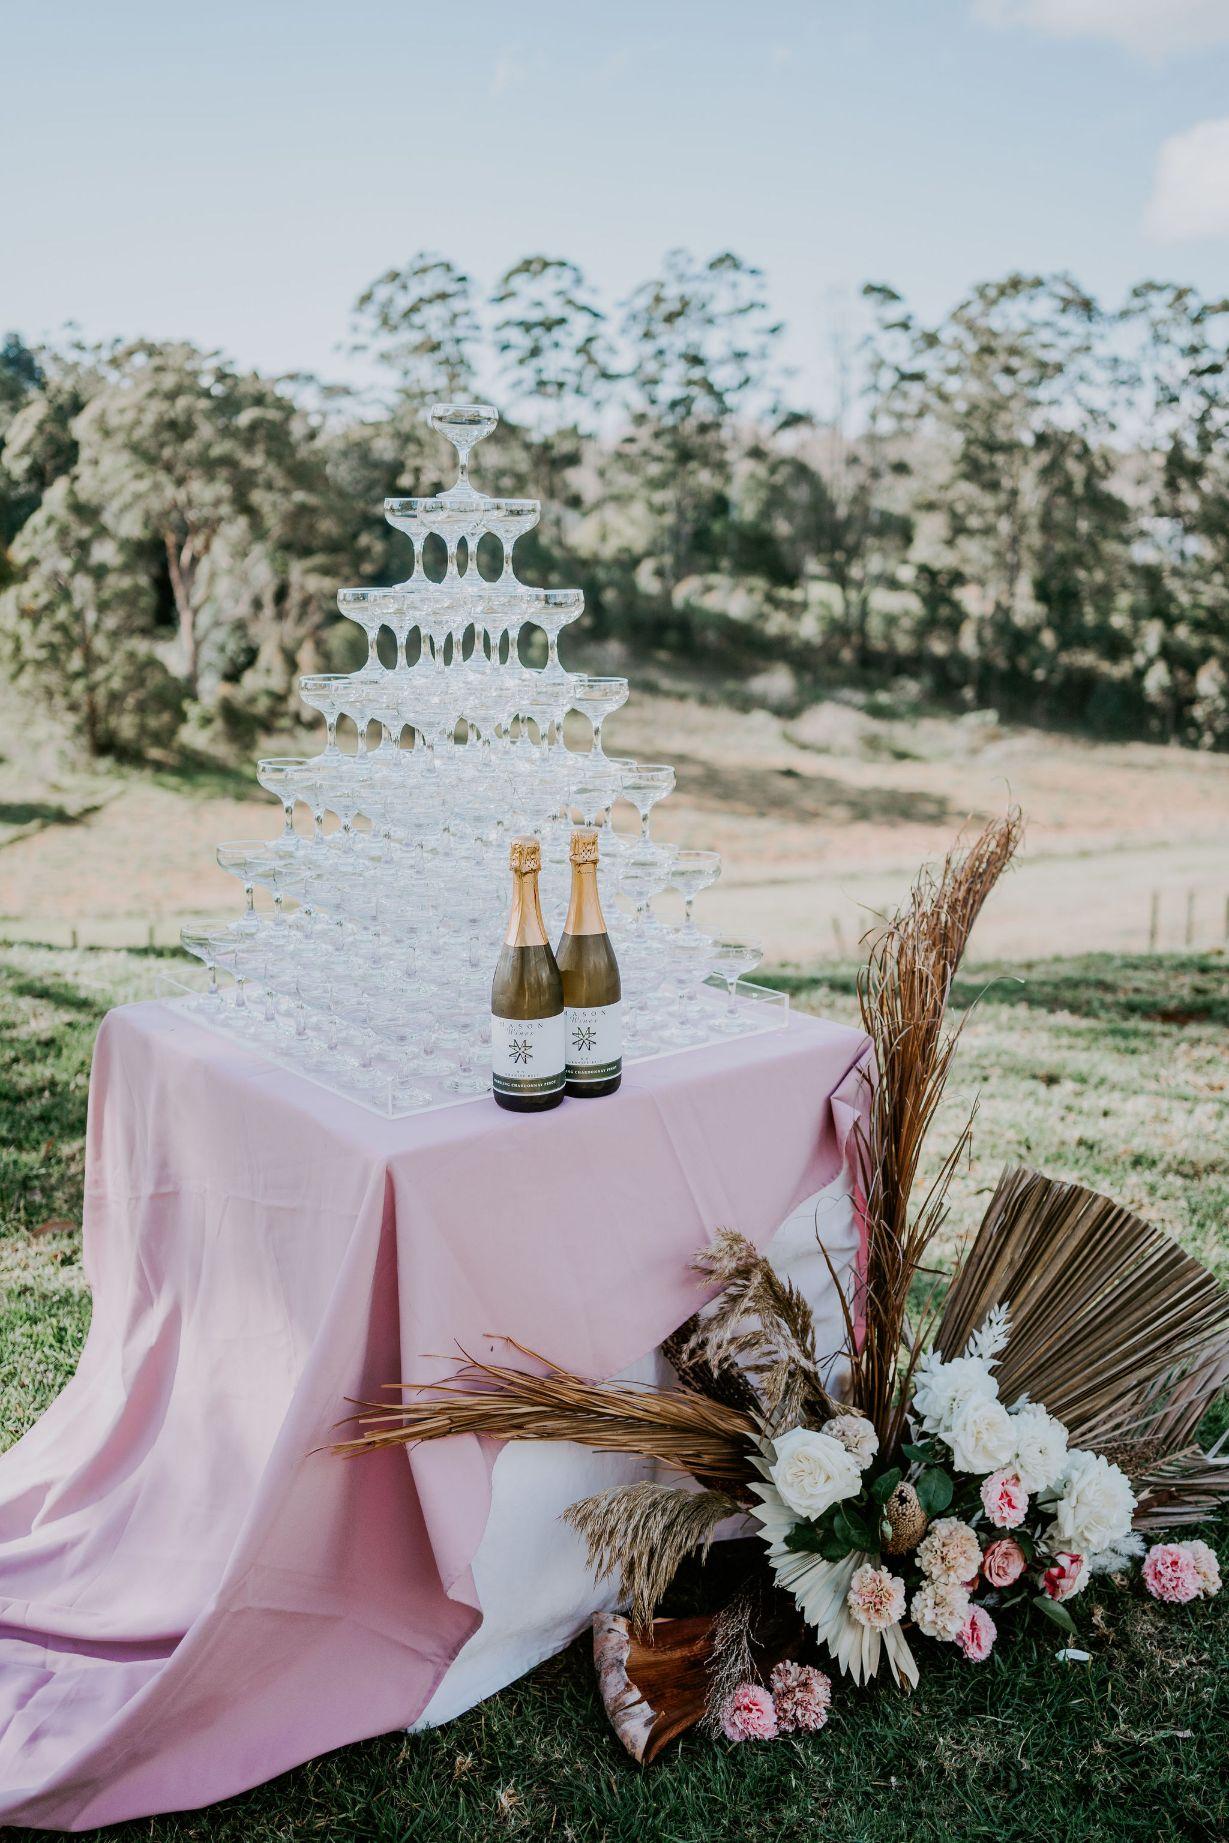 pineapple images wedding makin bridal florals weddings cake venue groom suit